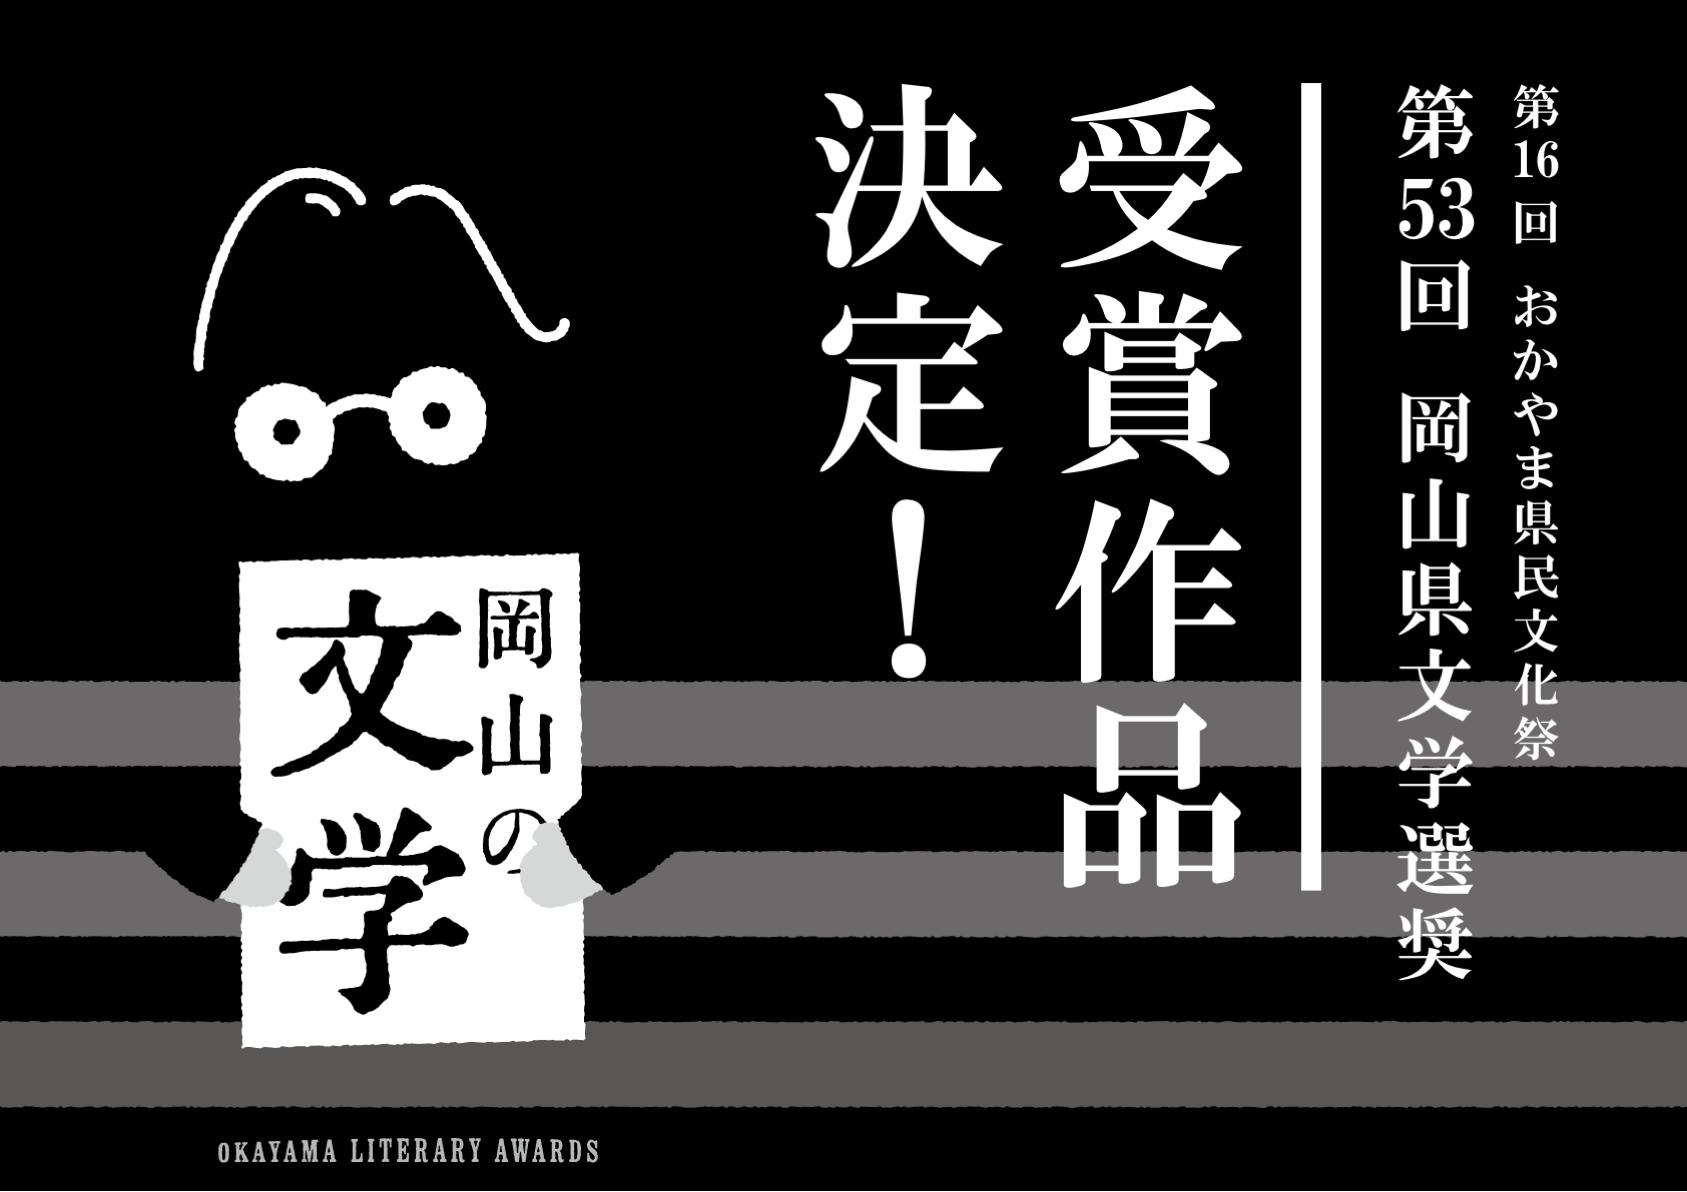 第53回岡山県文学選奨受賞作品決定!